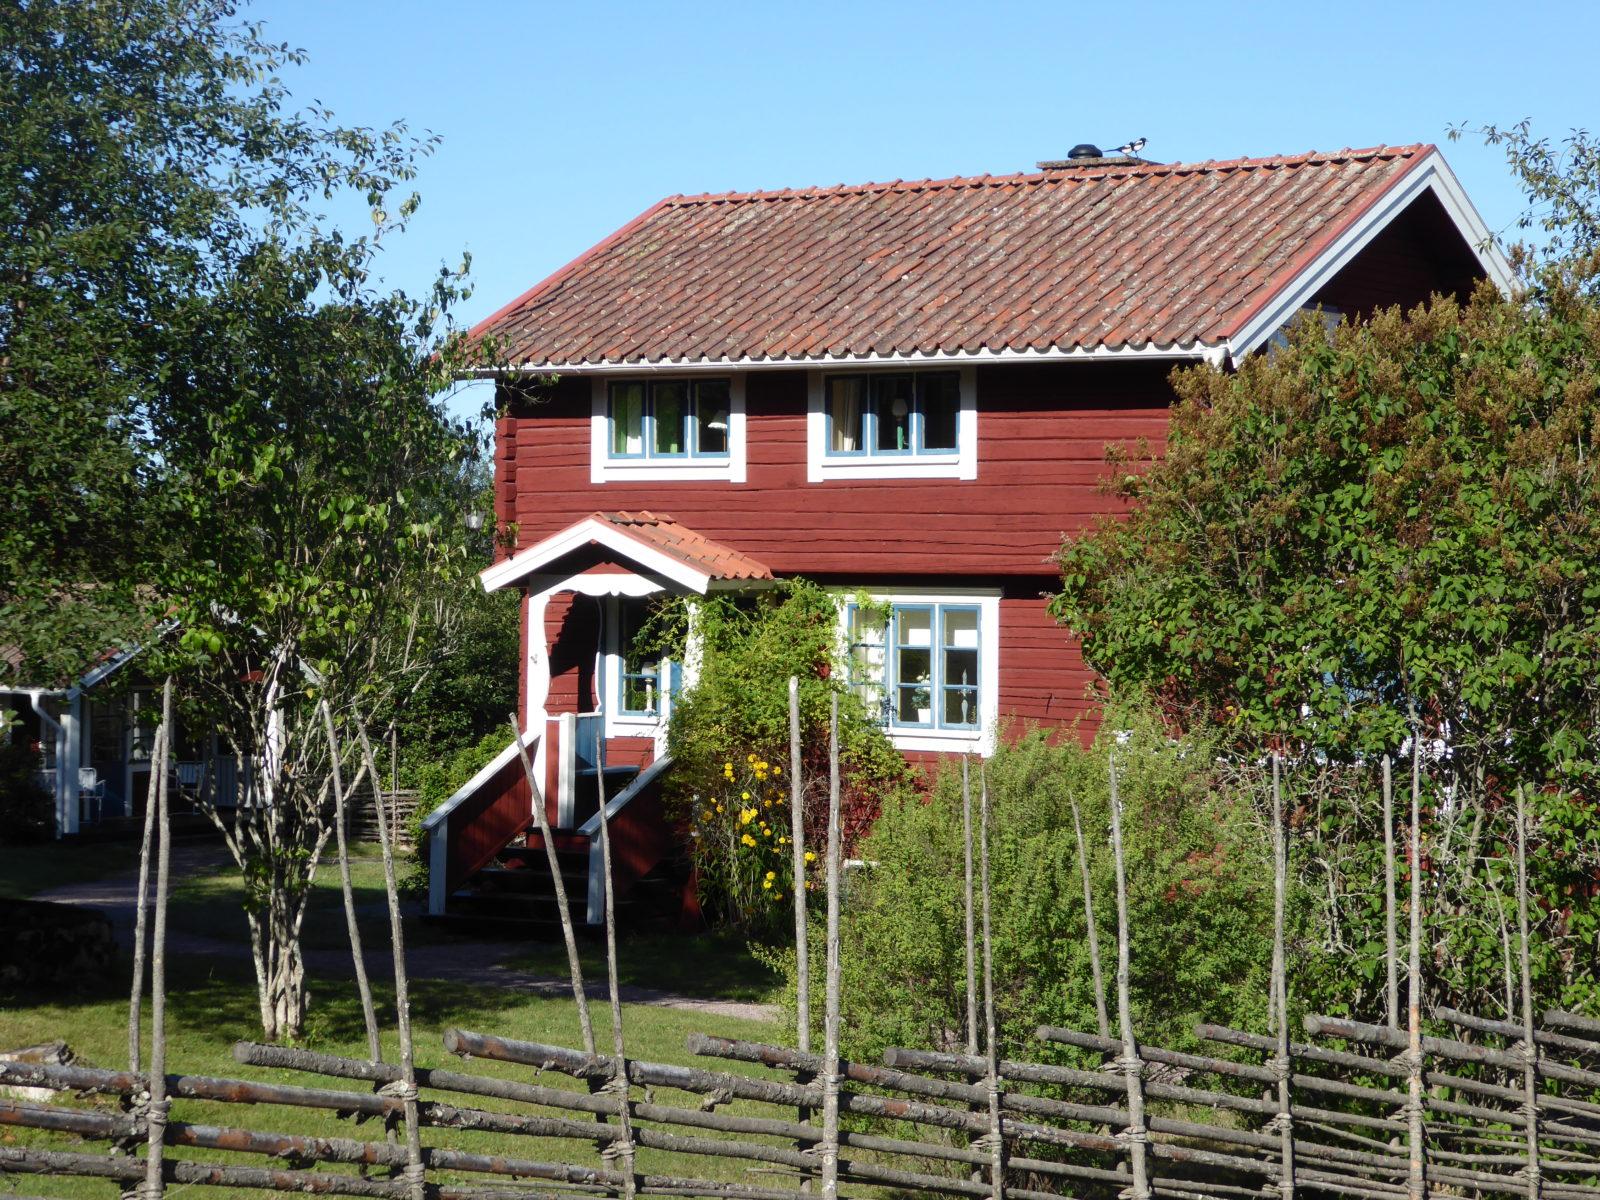 Maison de Dalécarlie, Suède